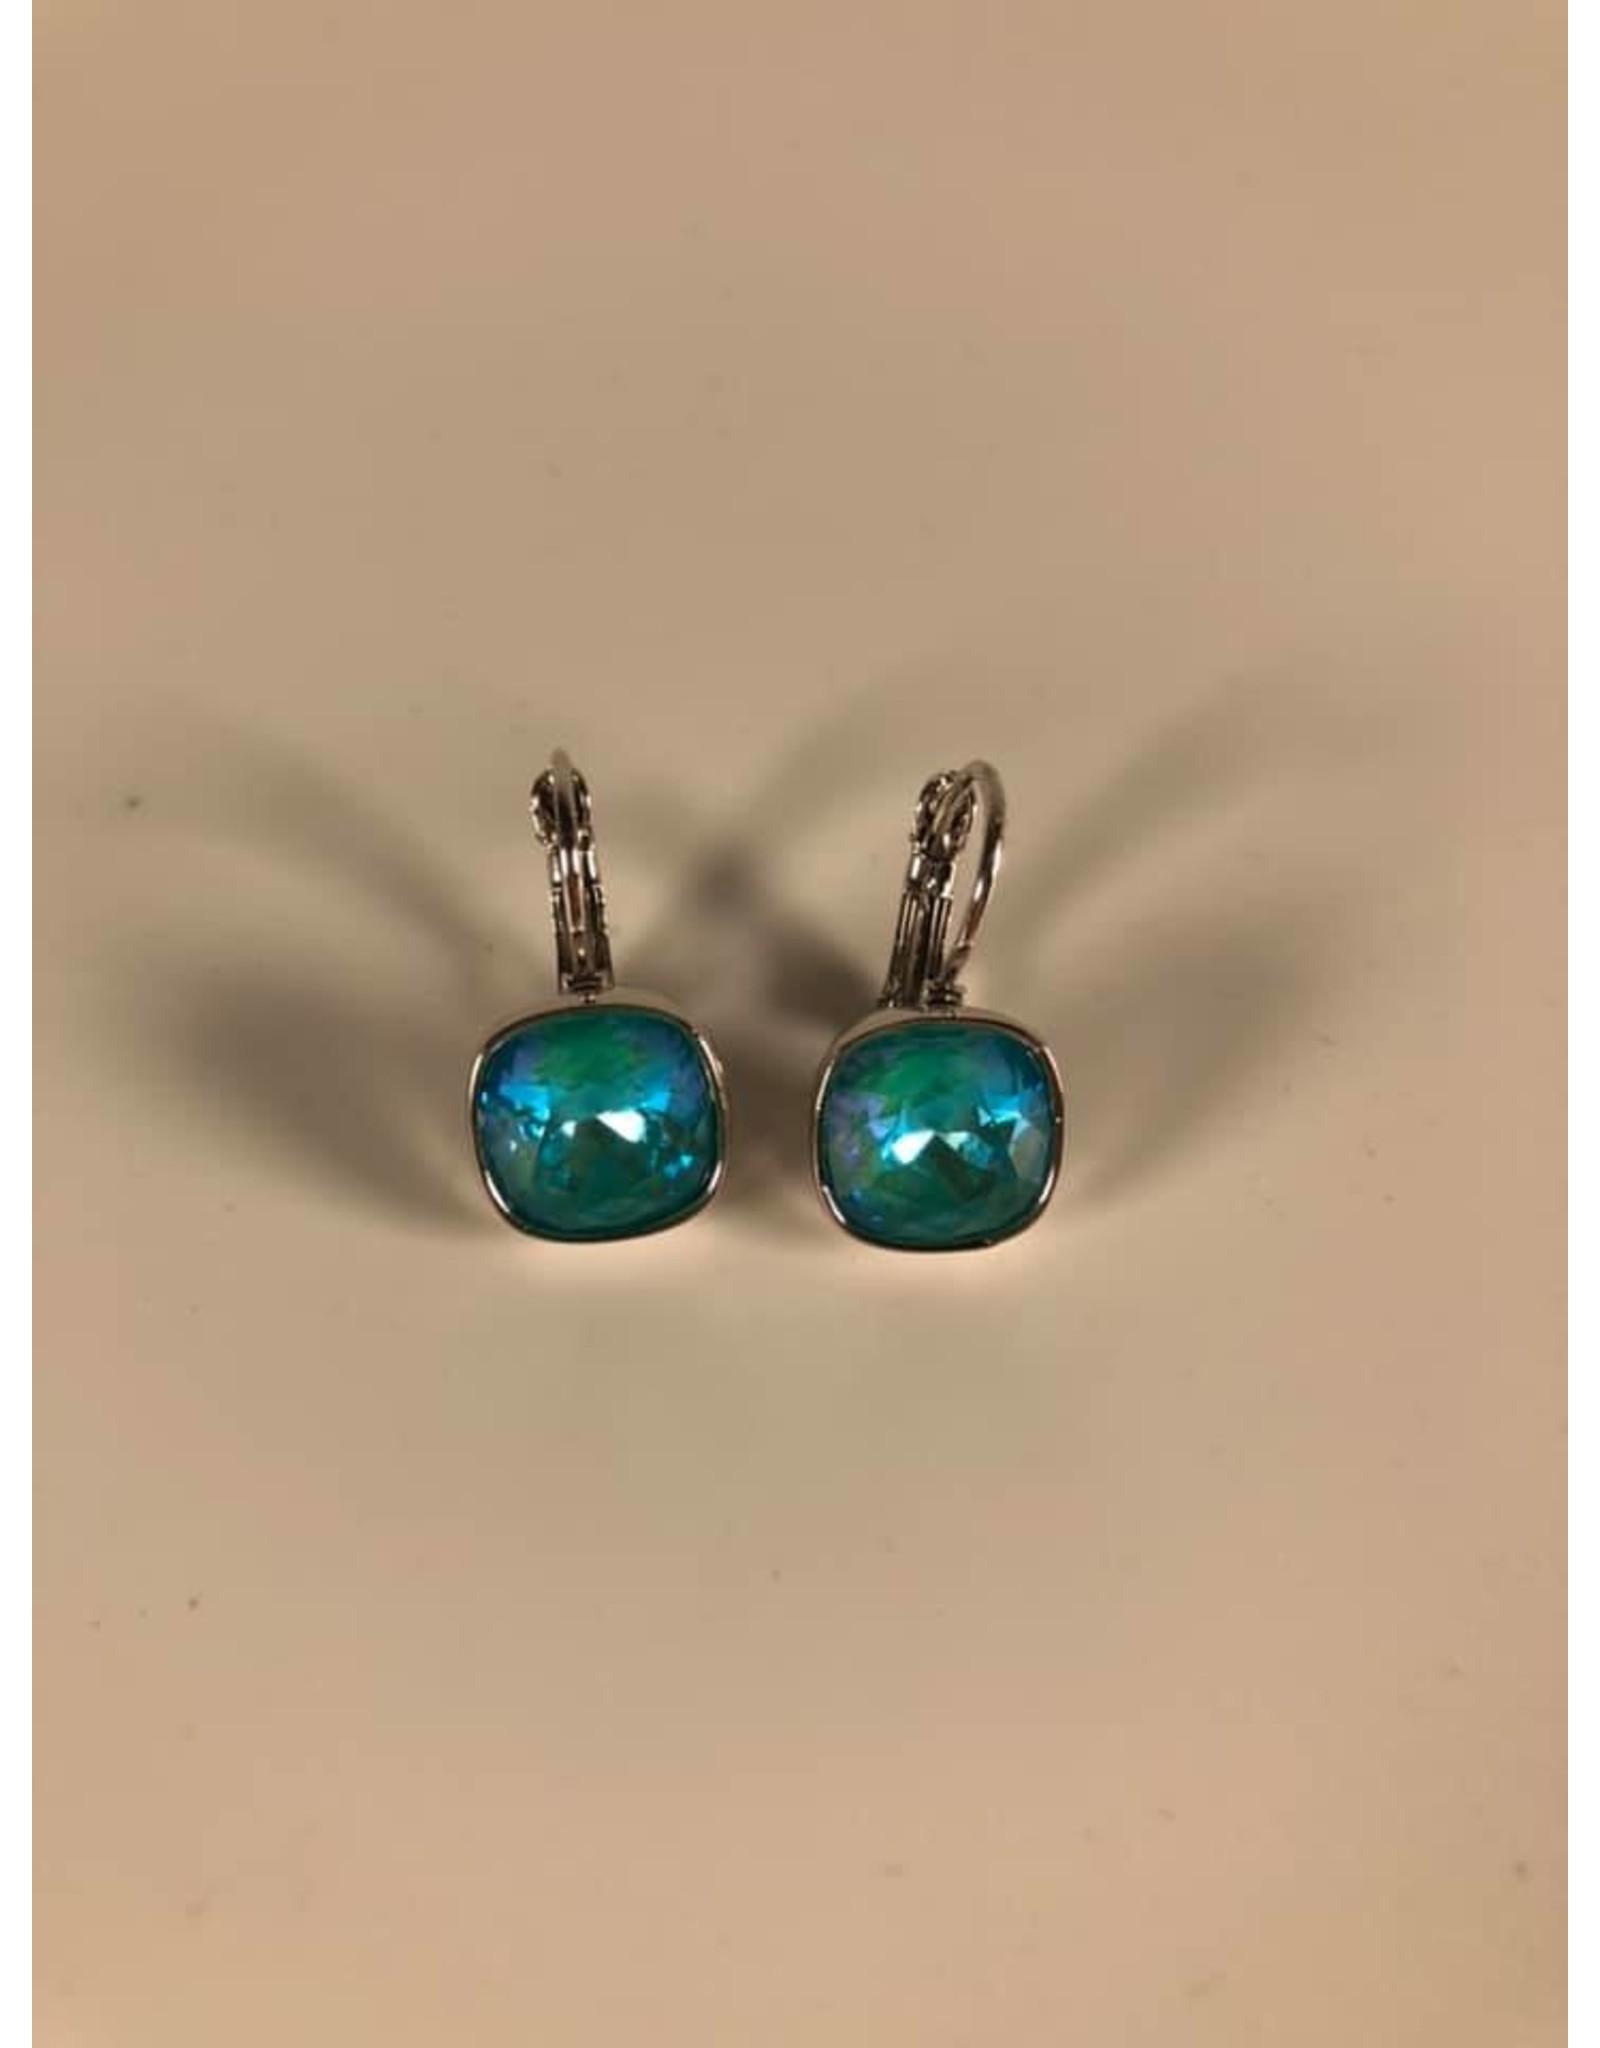 Bohm Boucles d'oreille argentées tuquoise